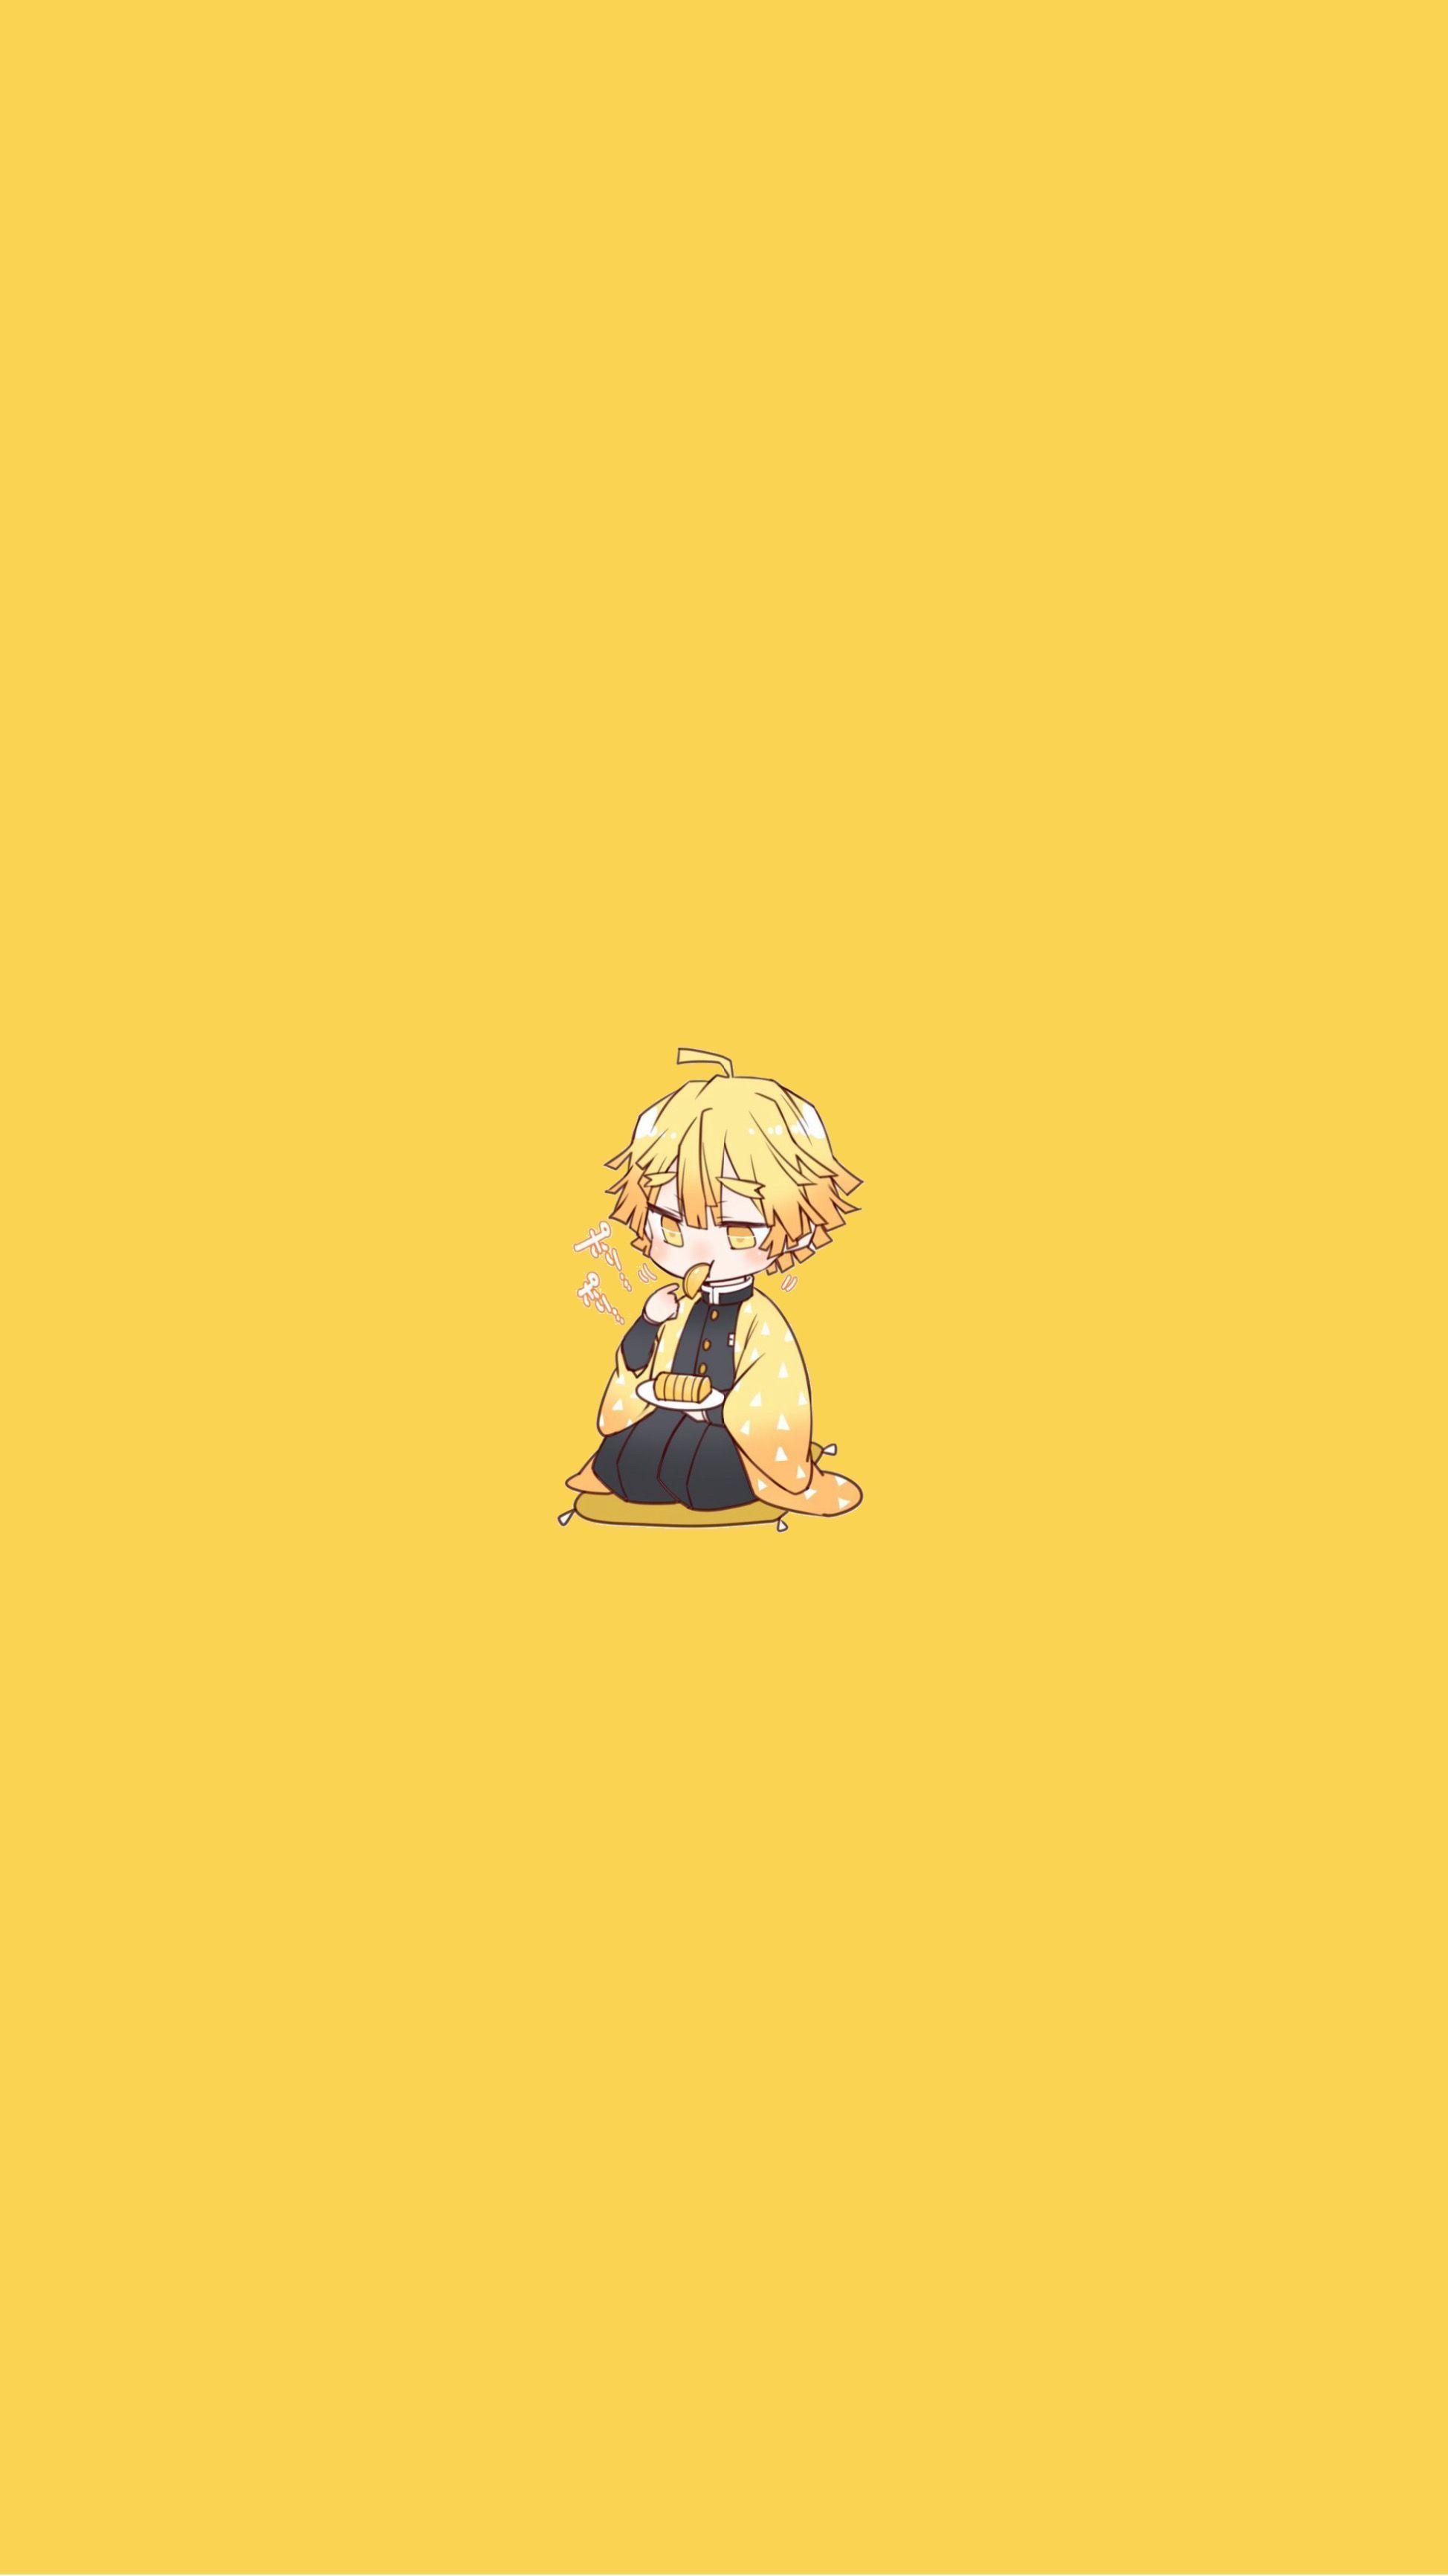 Pin On Amigurumi Cute Anime Wallpaper Anime Wallpaper Iphone Anime Wallpaper Live Anime phone wallpaper cute